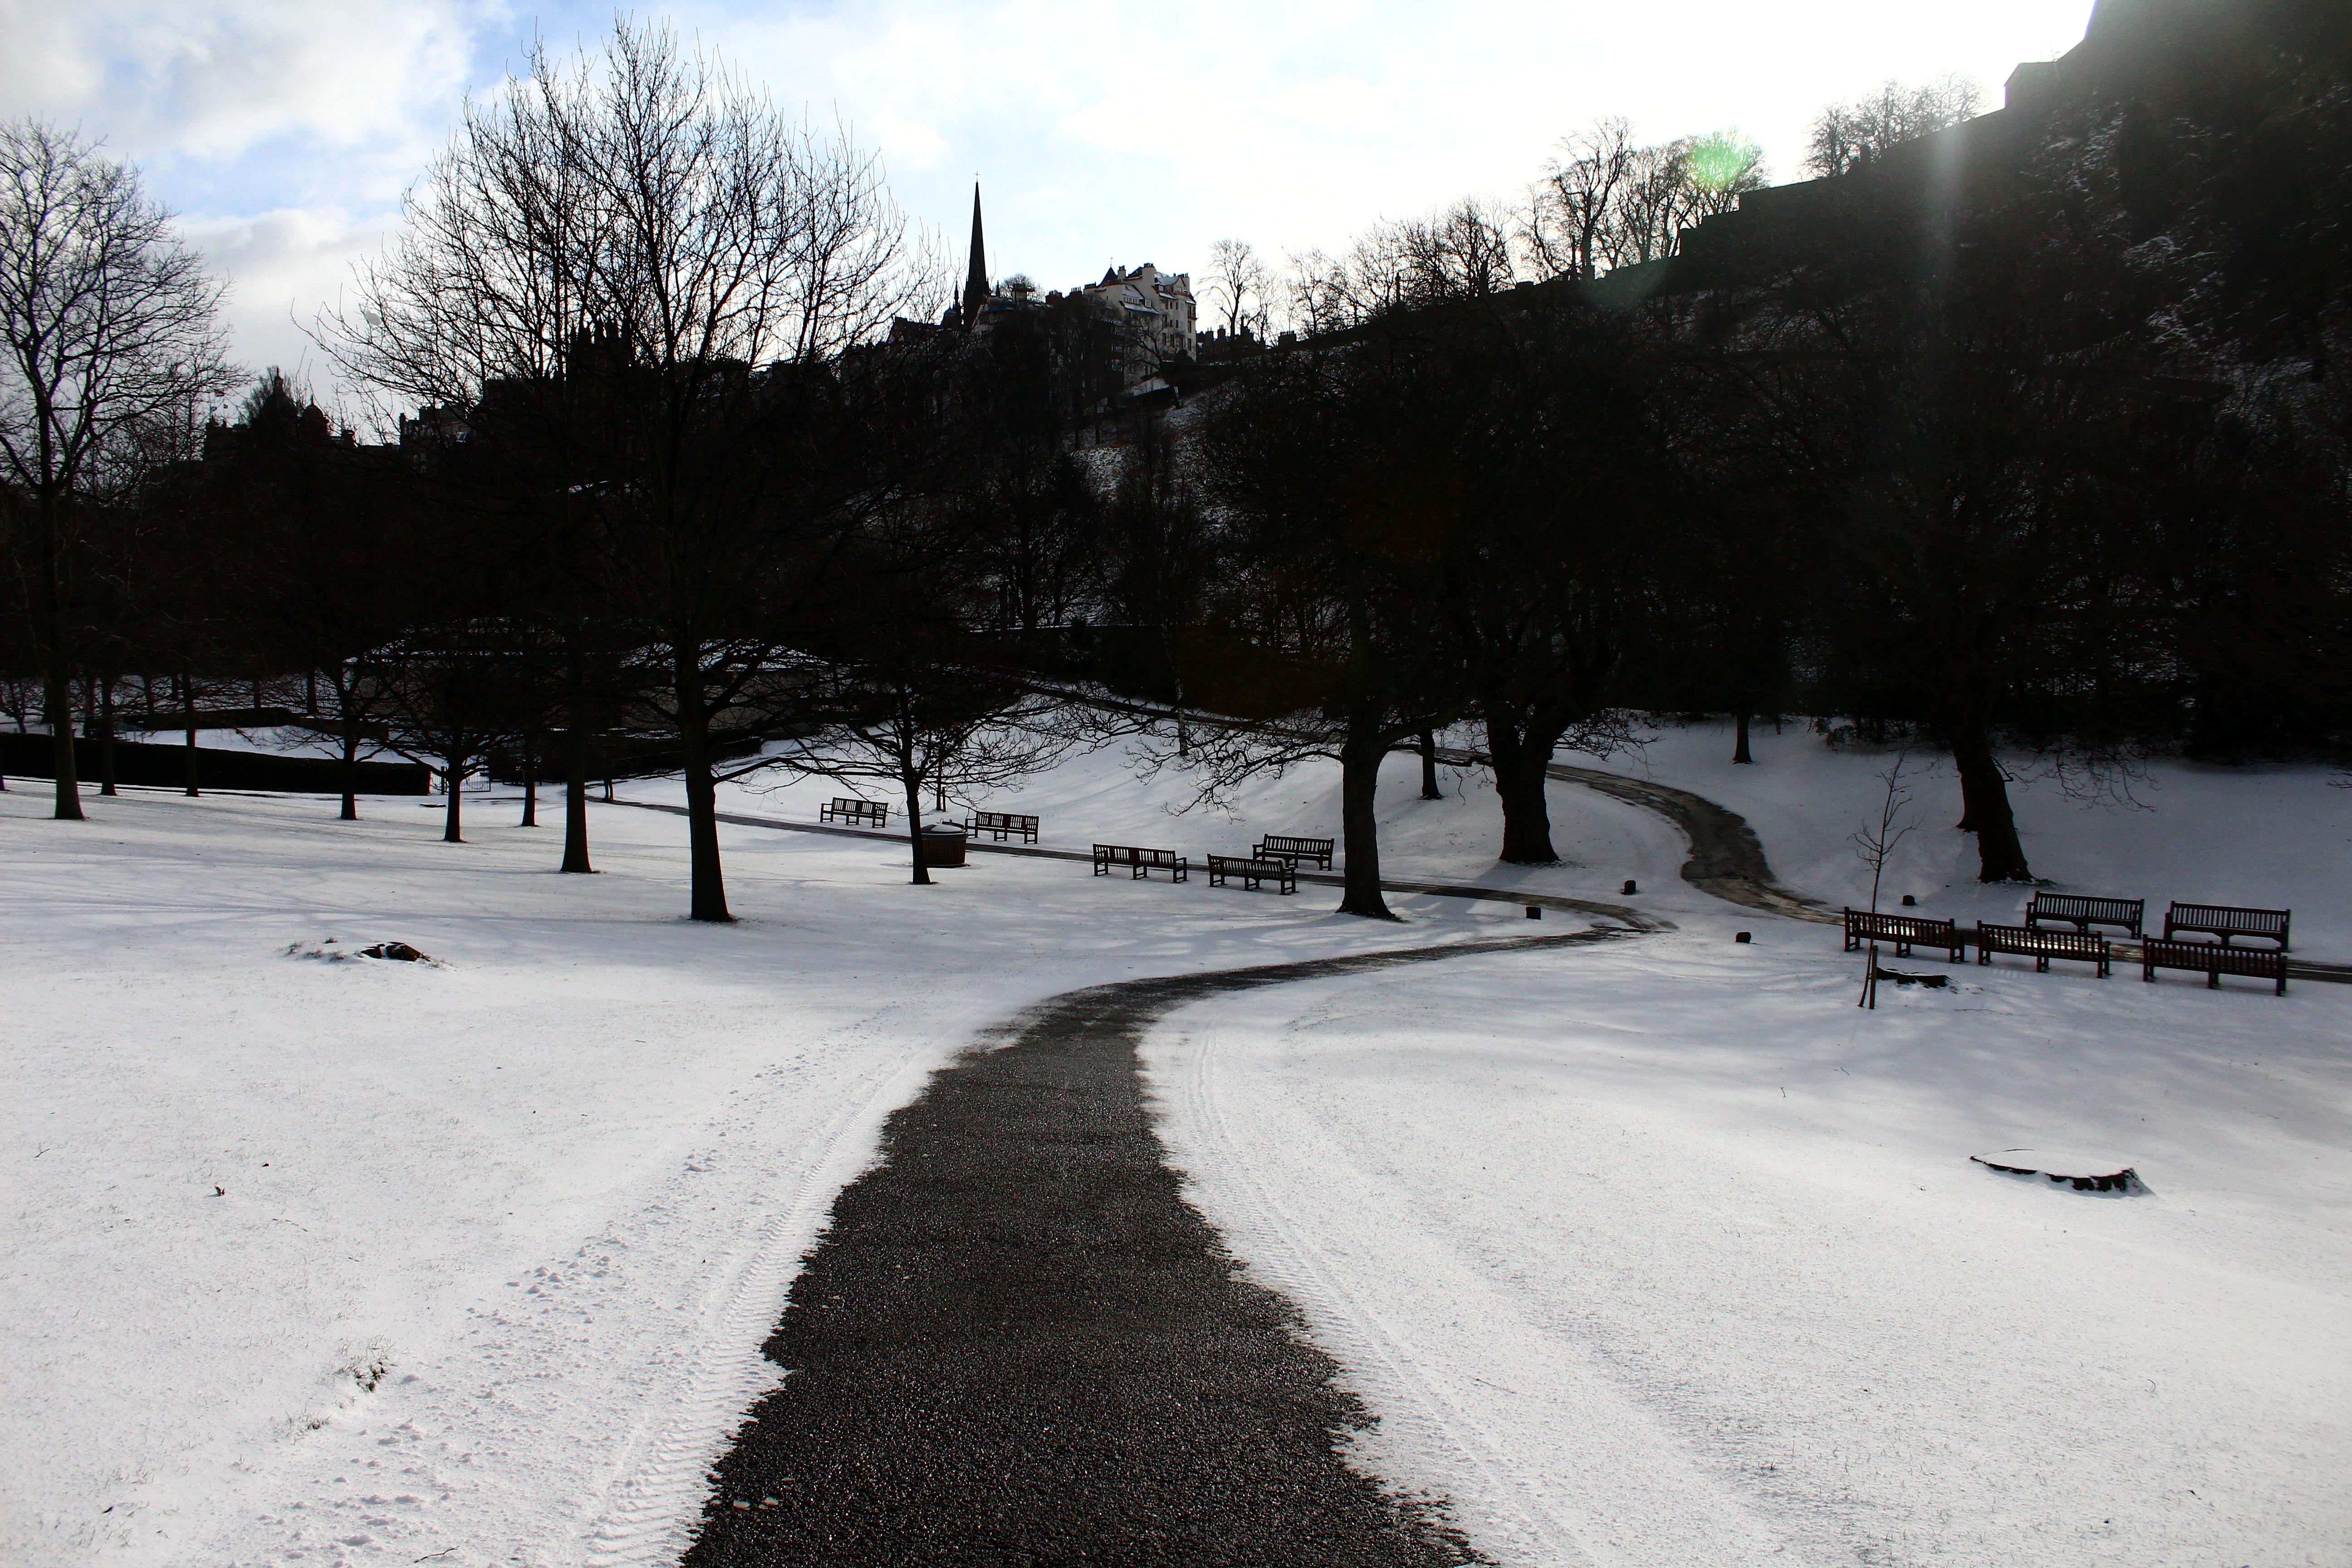 A snowy day in Edinburgh